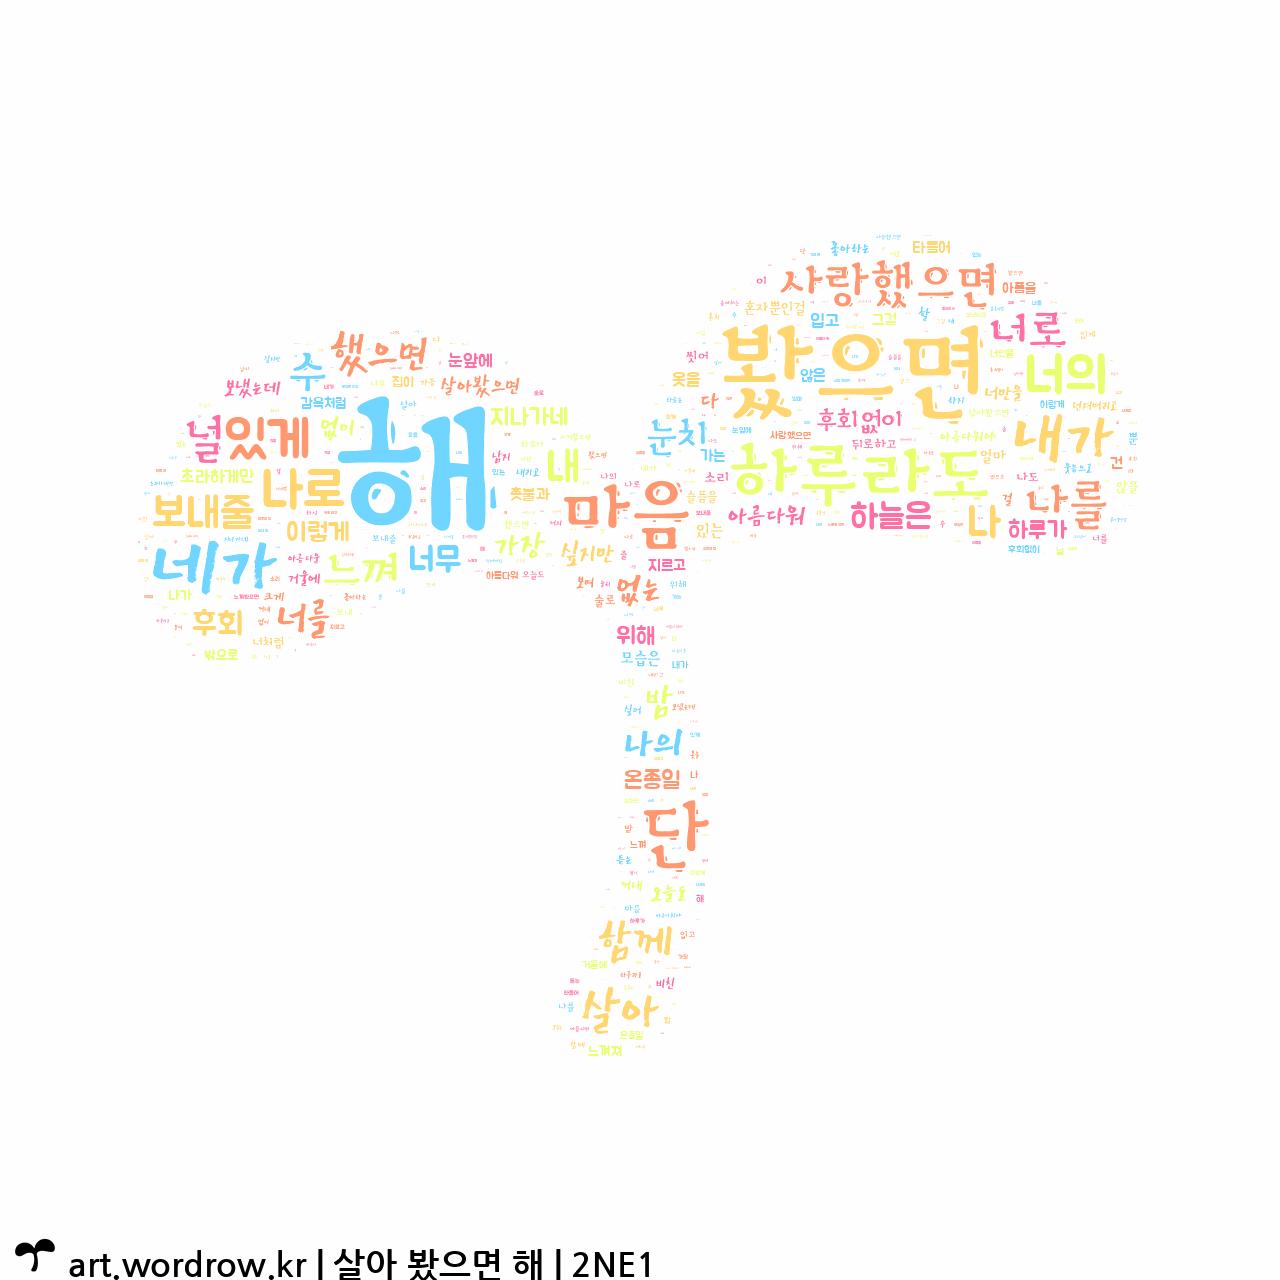 워드 클라우드: 살아 봤으면 해 [2NE1]-2